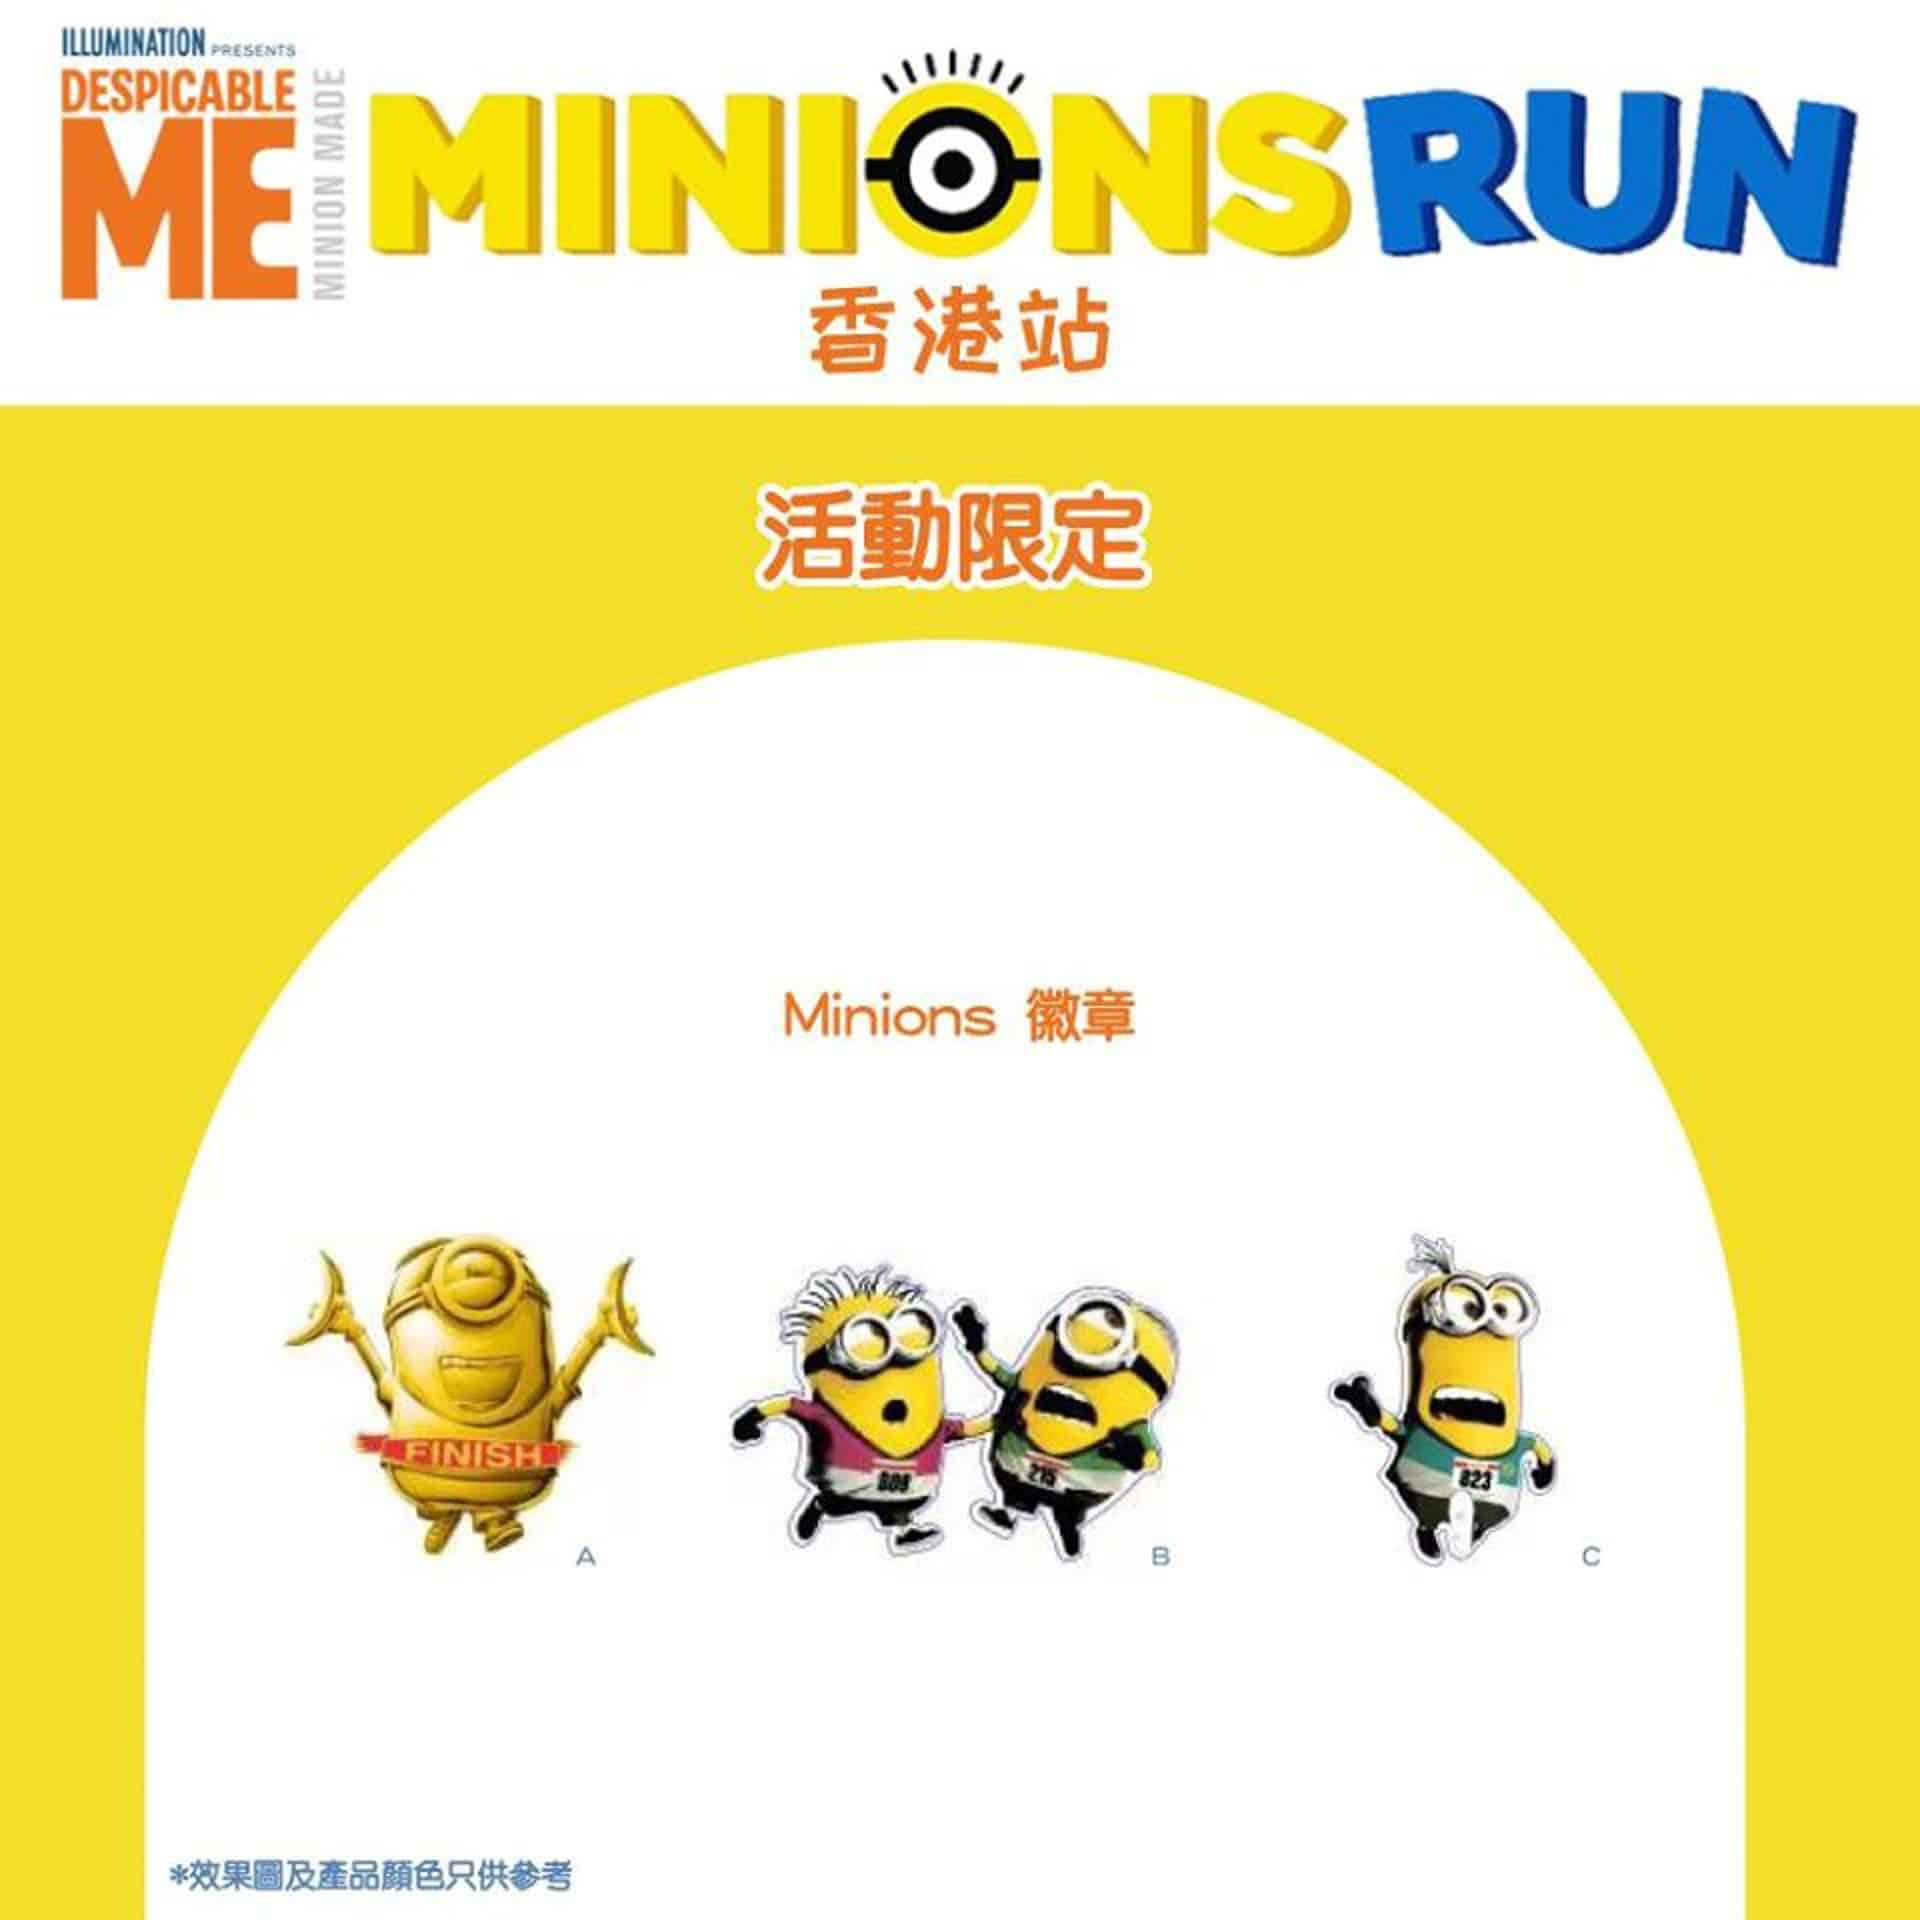 科學園:Minions Run HongKong Minions 徽章